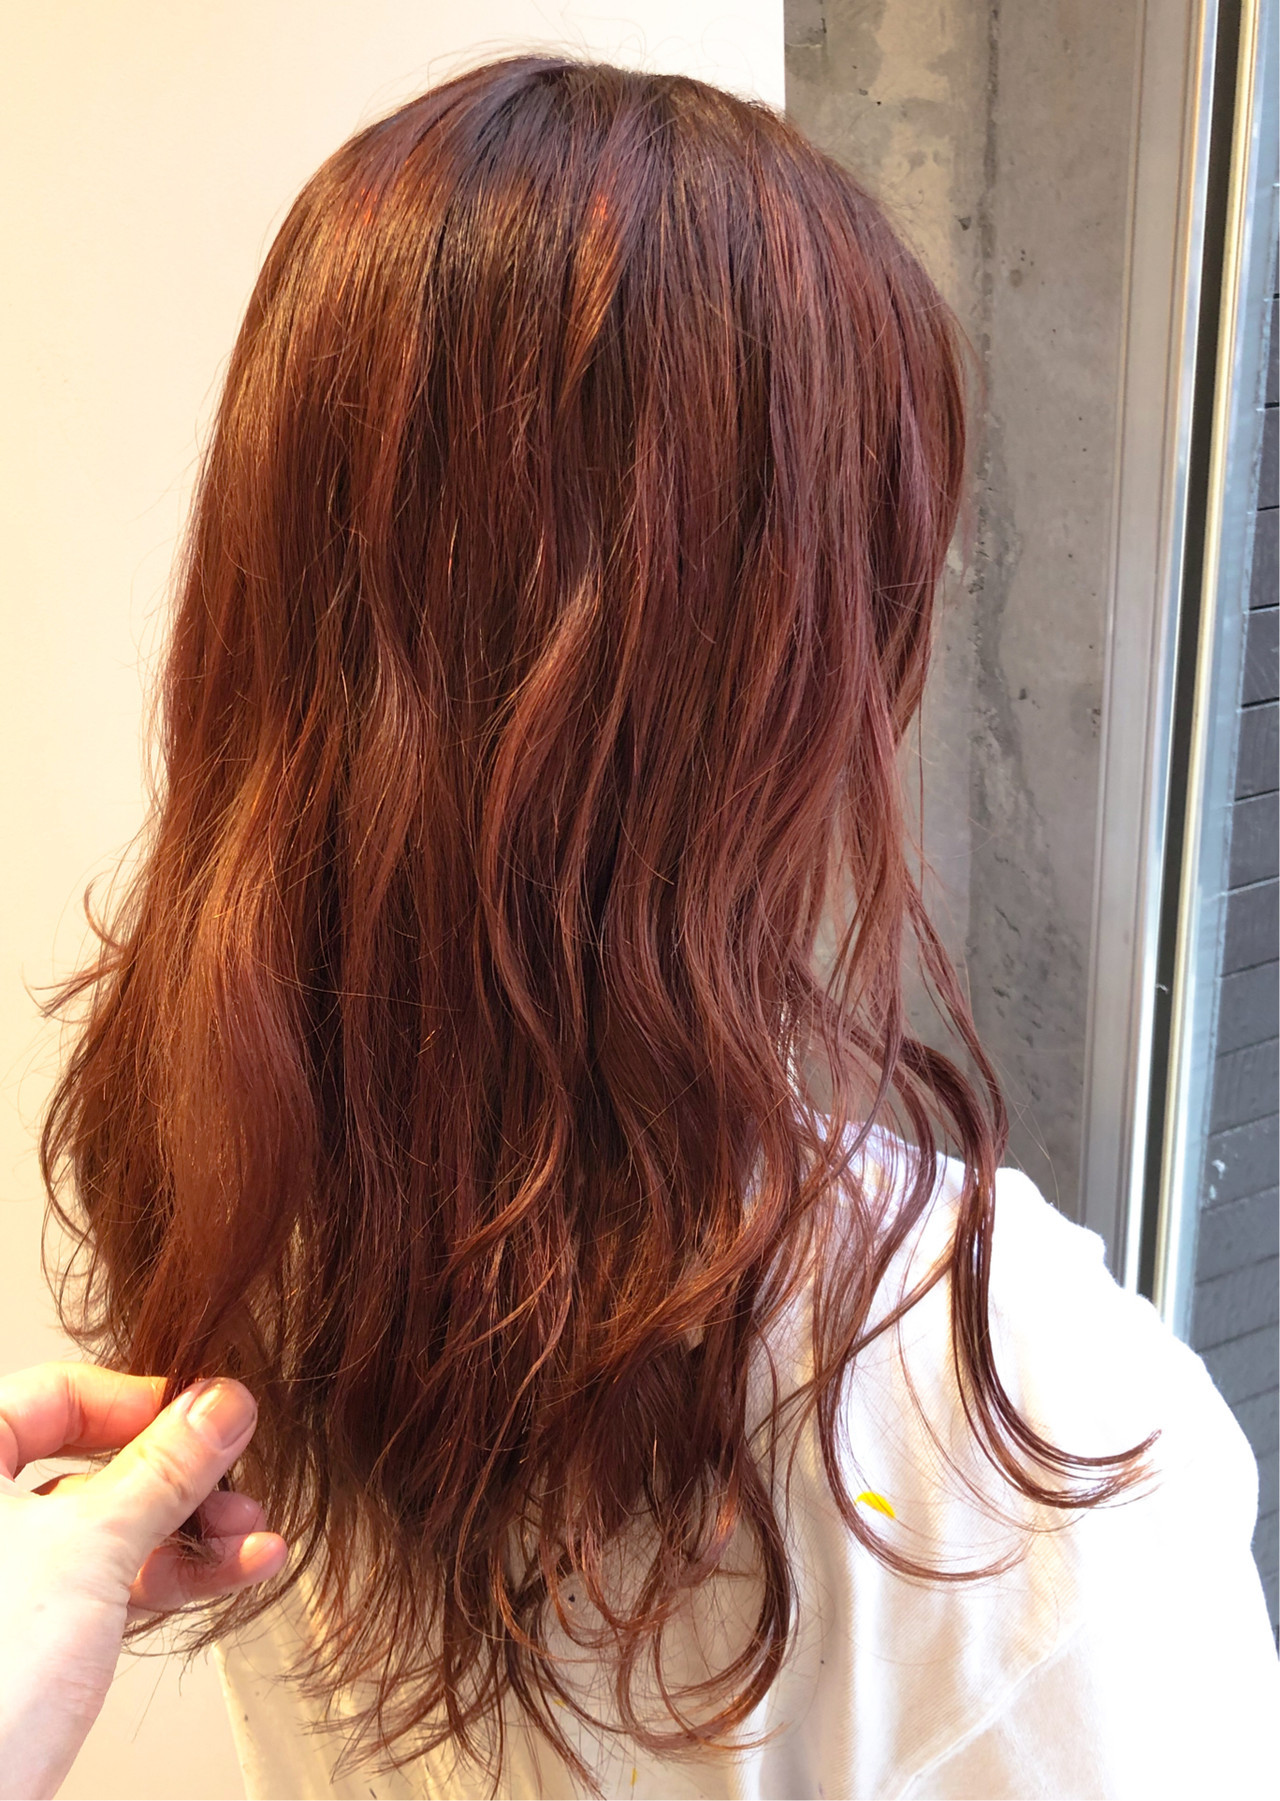 オレンジ 夏 アプリコットオレンジ ピンク ヘアスタイルや髪型の写真・画像